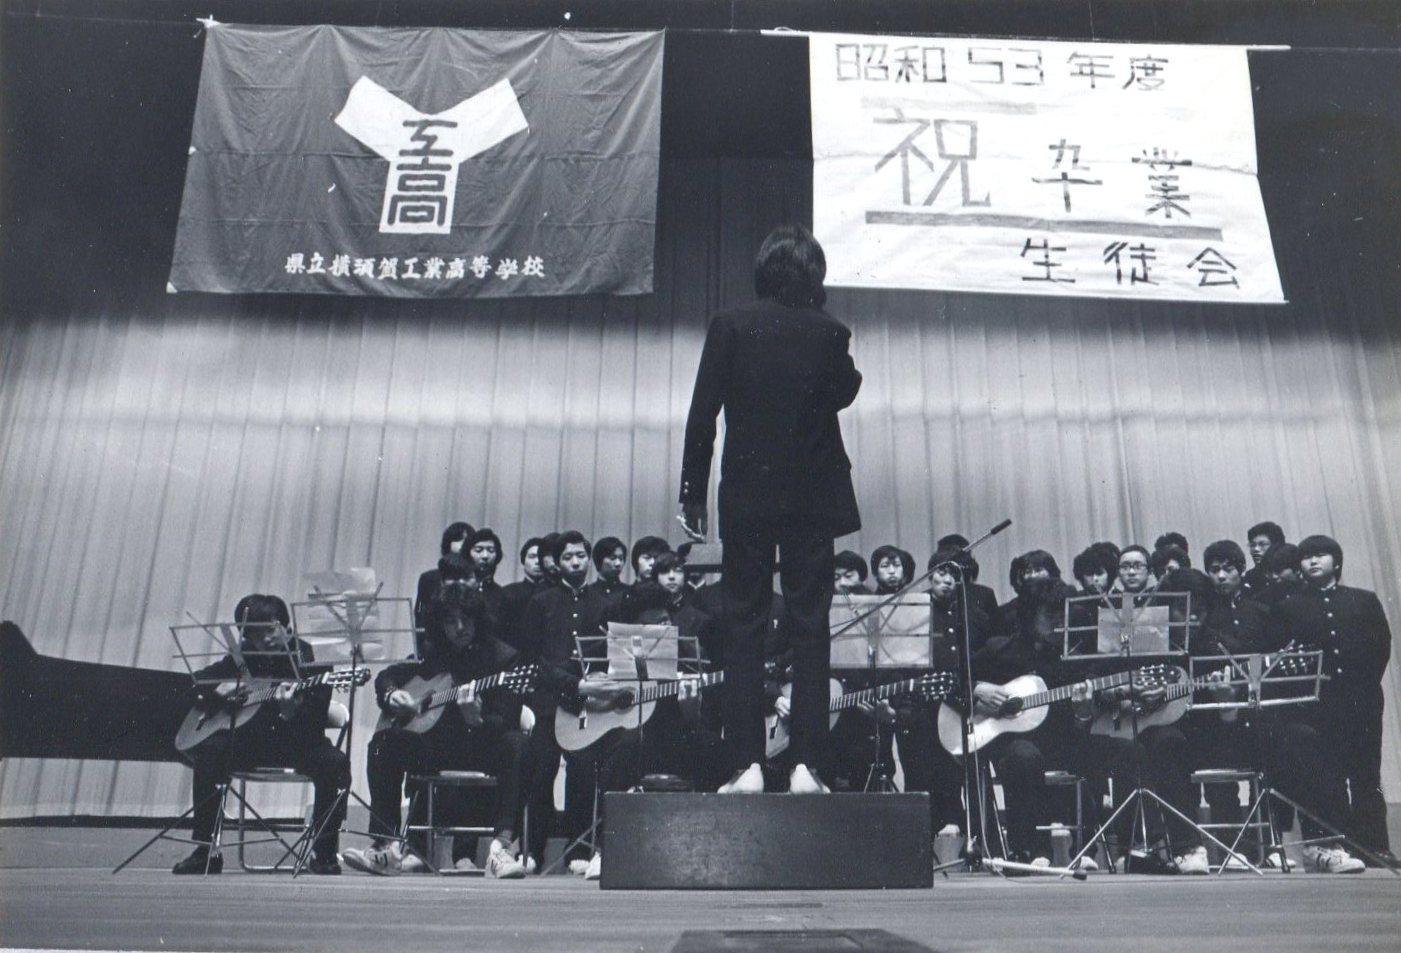 1978年(昭和53年)卒業生を送る会(文化会館)